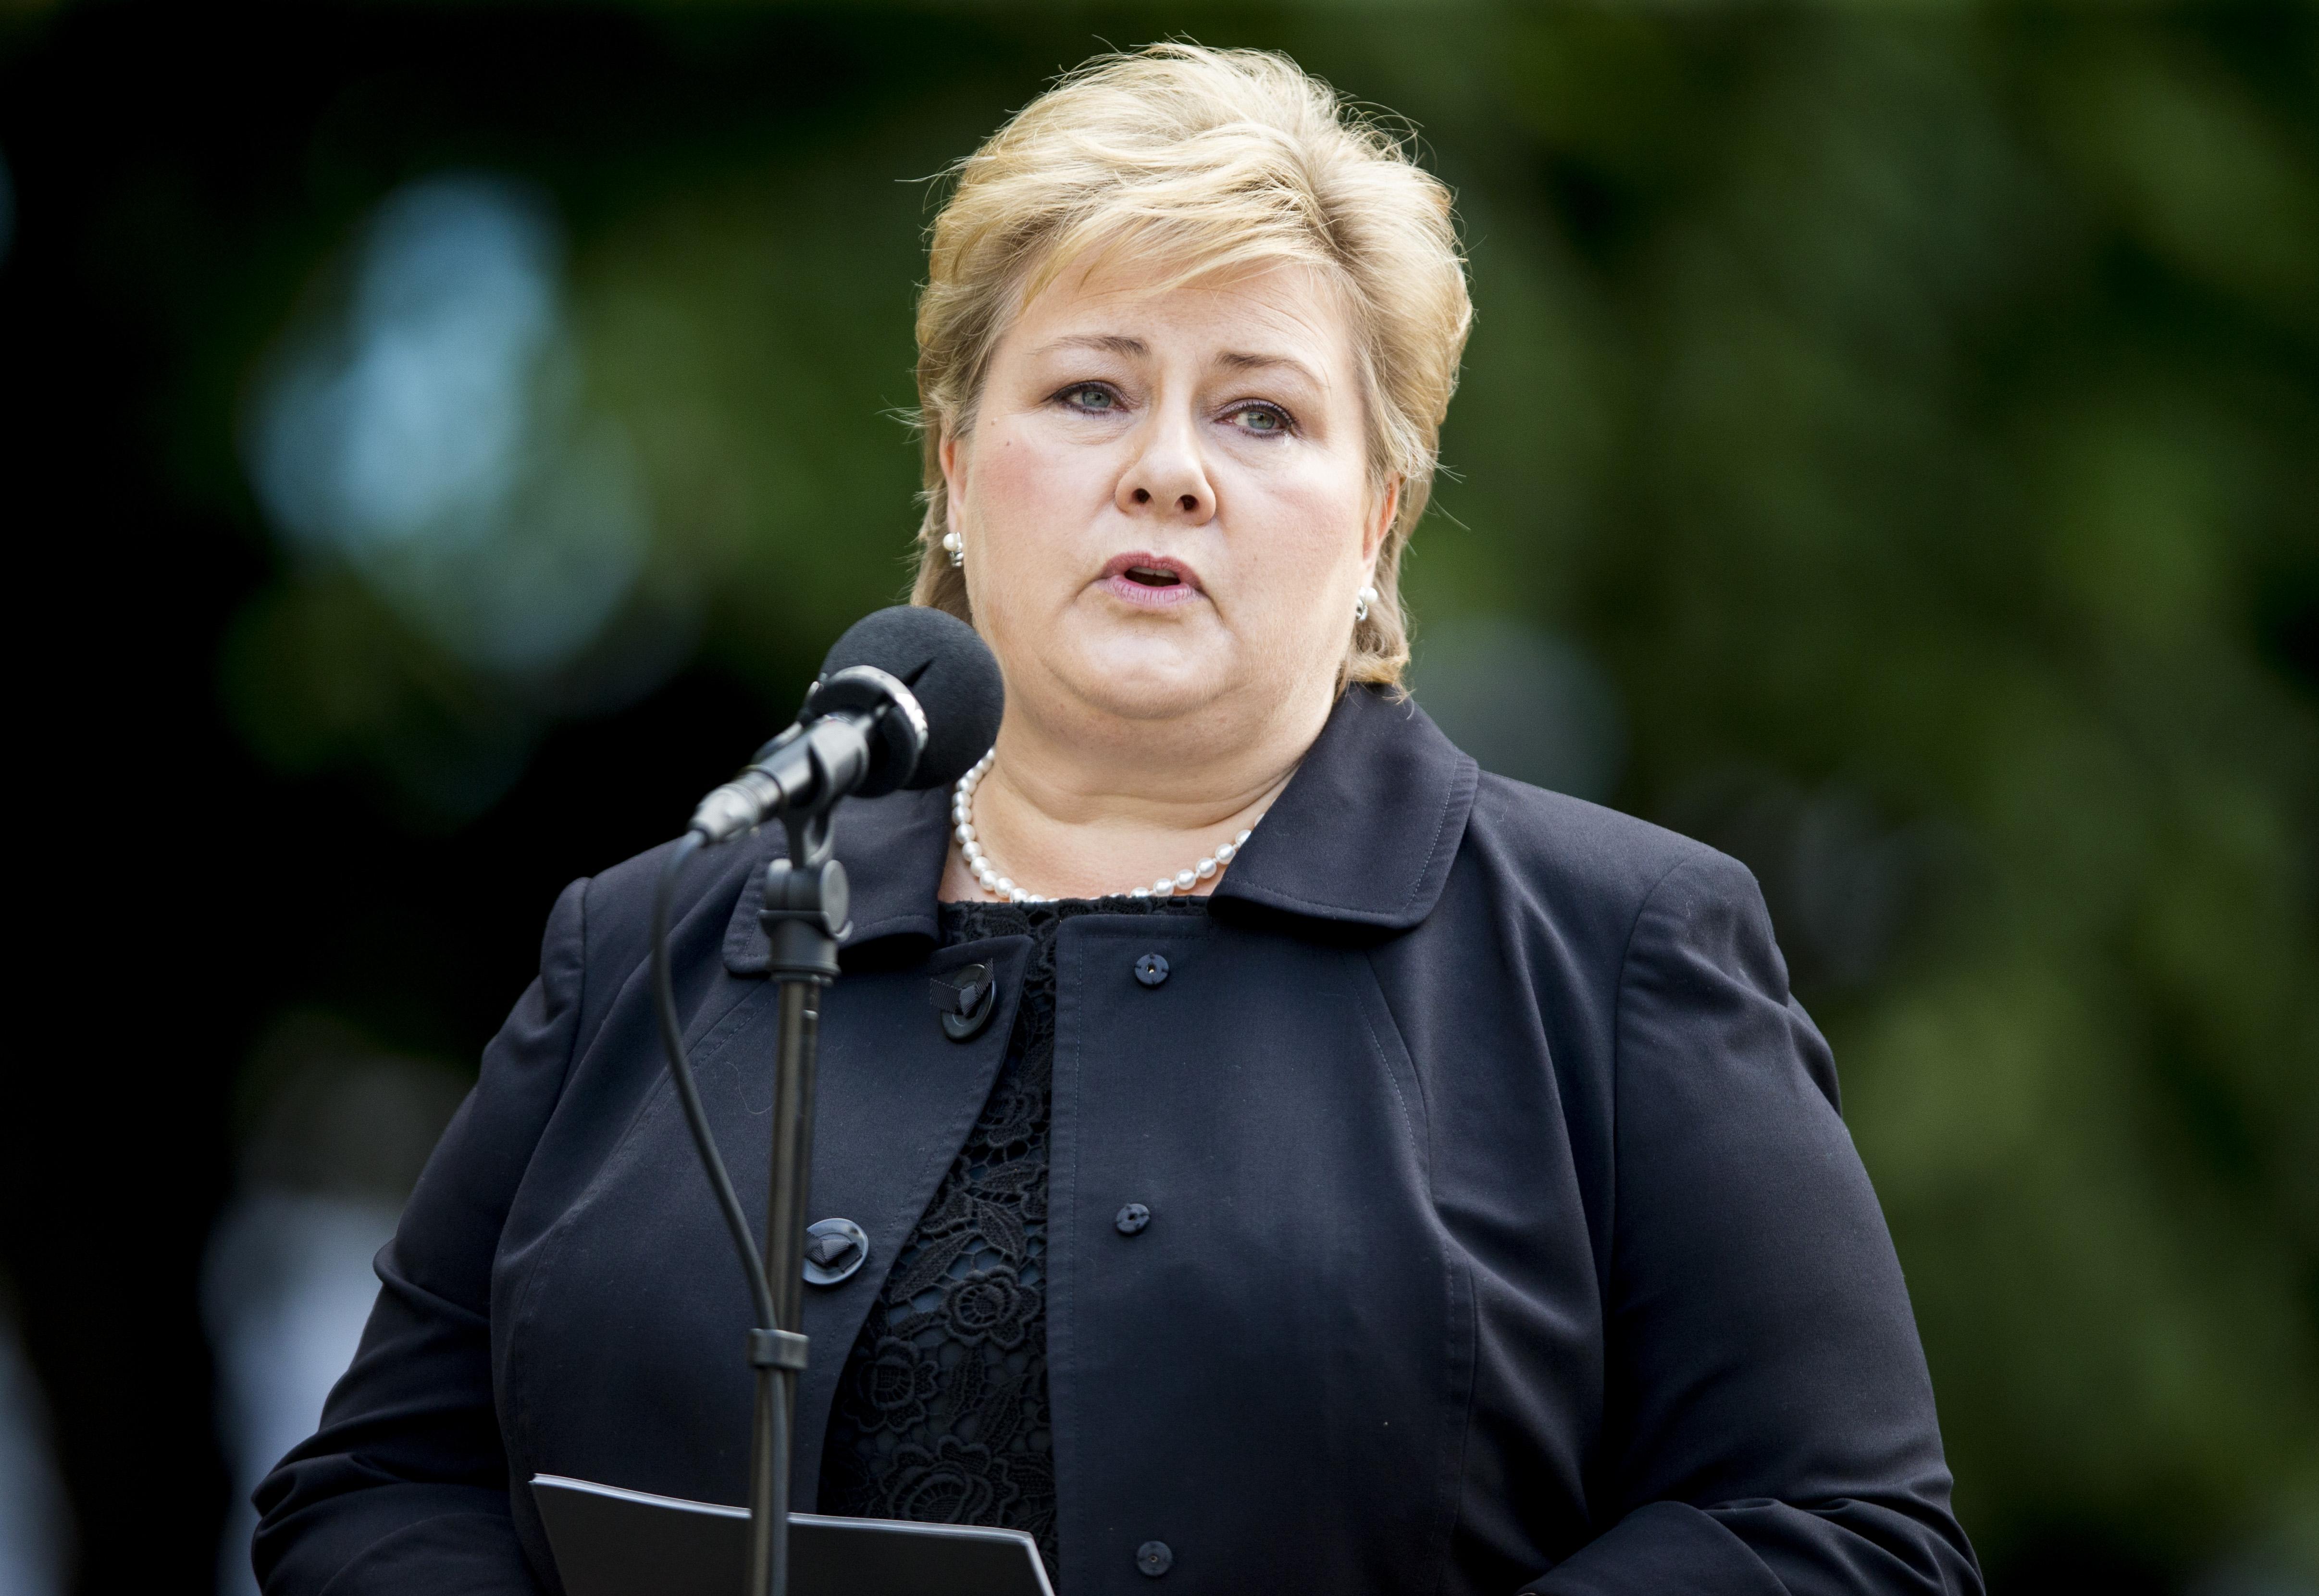 Erna Solberg: Nem engedhetjük meg Lengyelországnak és Magyarországnak, hogy felügyelje a civil társadalomnak szánt pénzeket